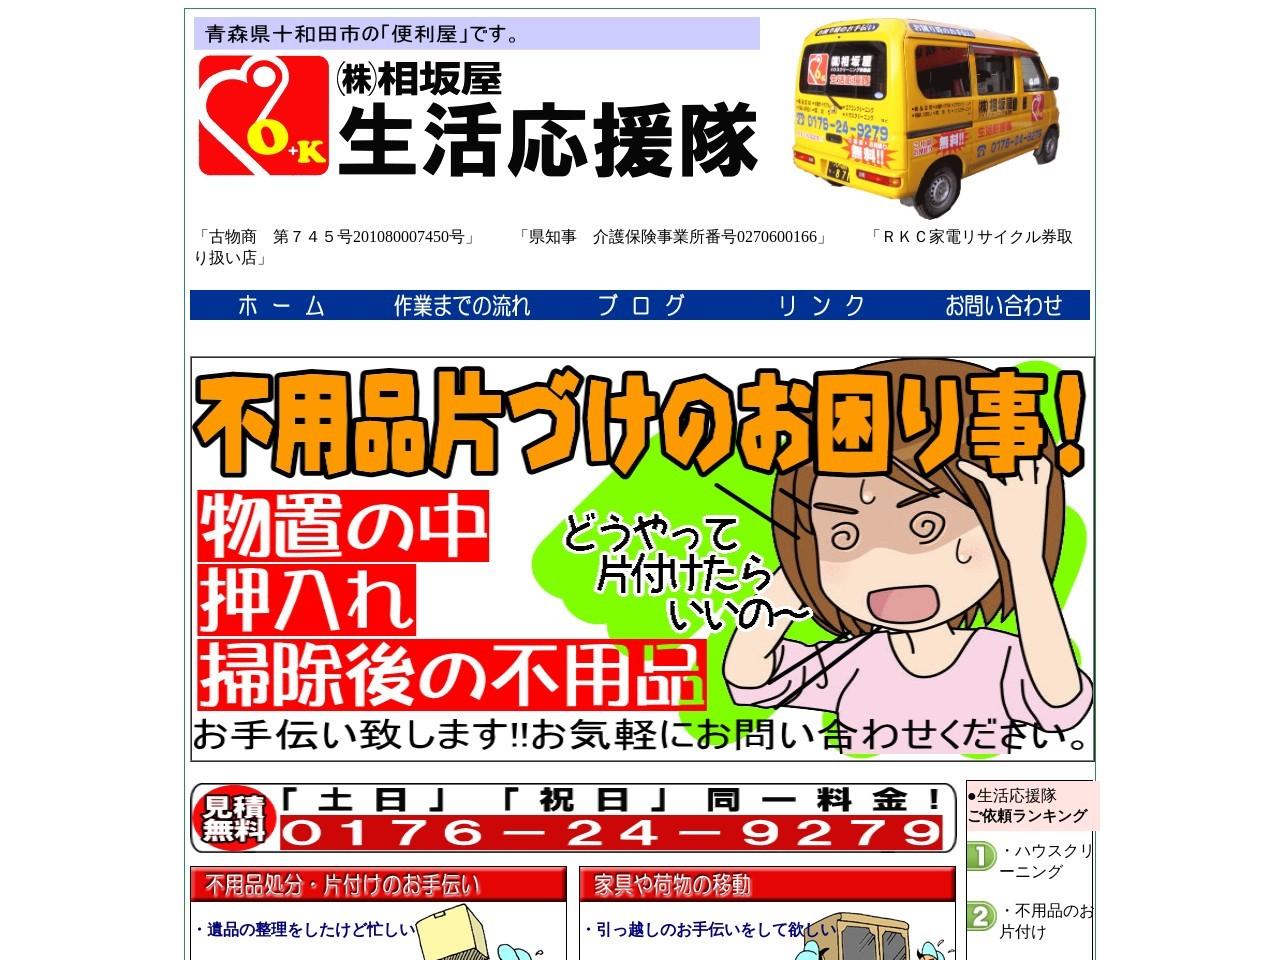 青森県十和田市の「便利屋」です。|◆便利屋 生活応援隊 トップページ